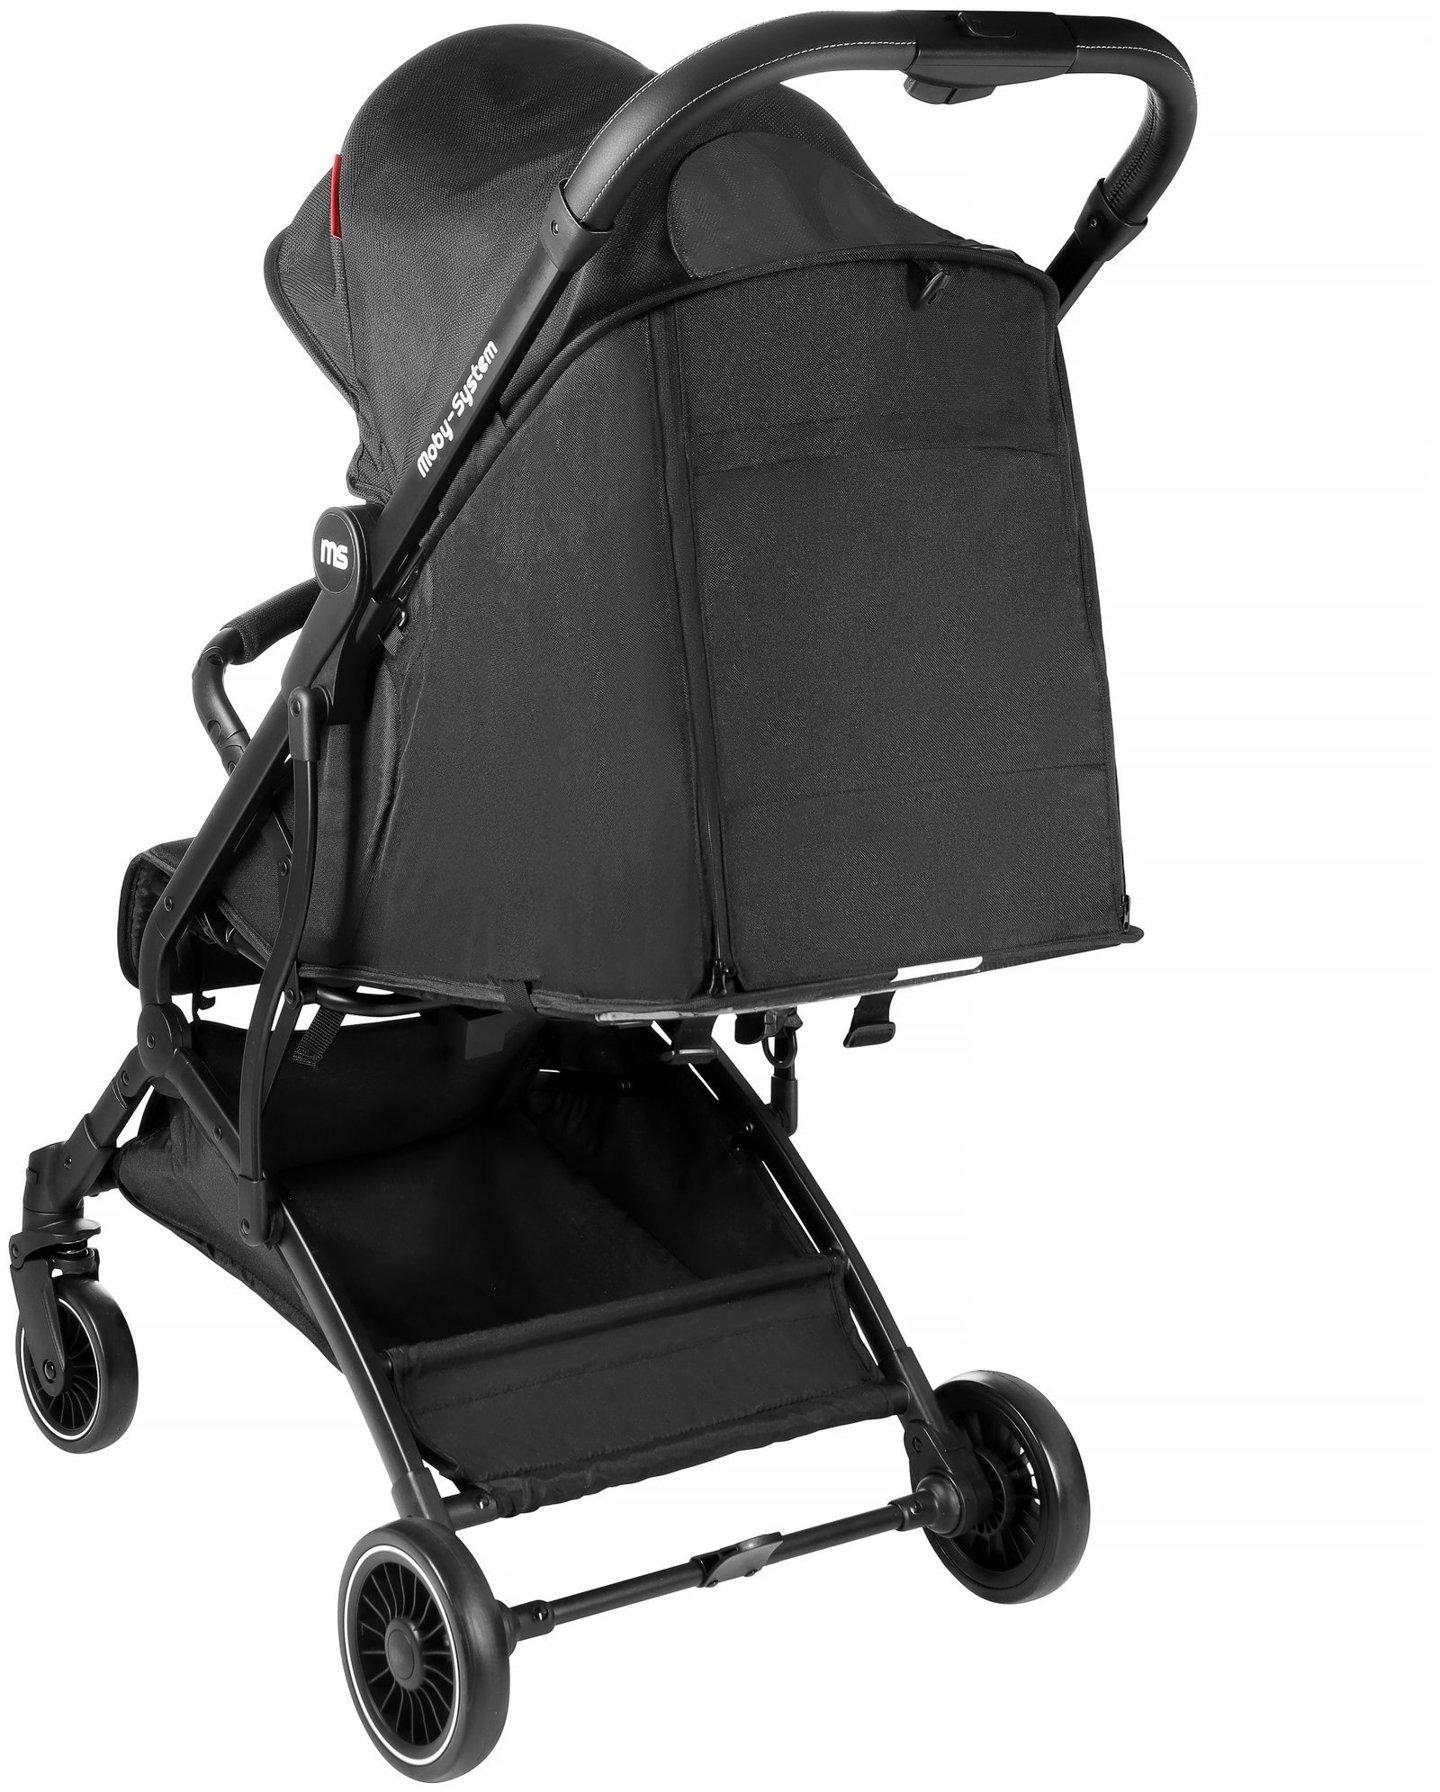 Wózek spacerowy dziecięcy Moby-System LENA